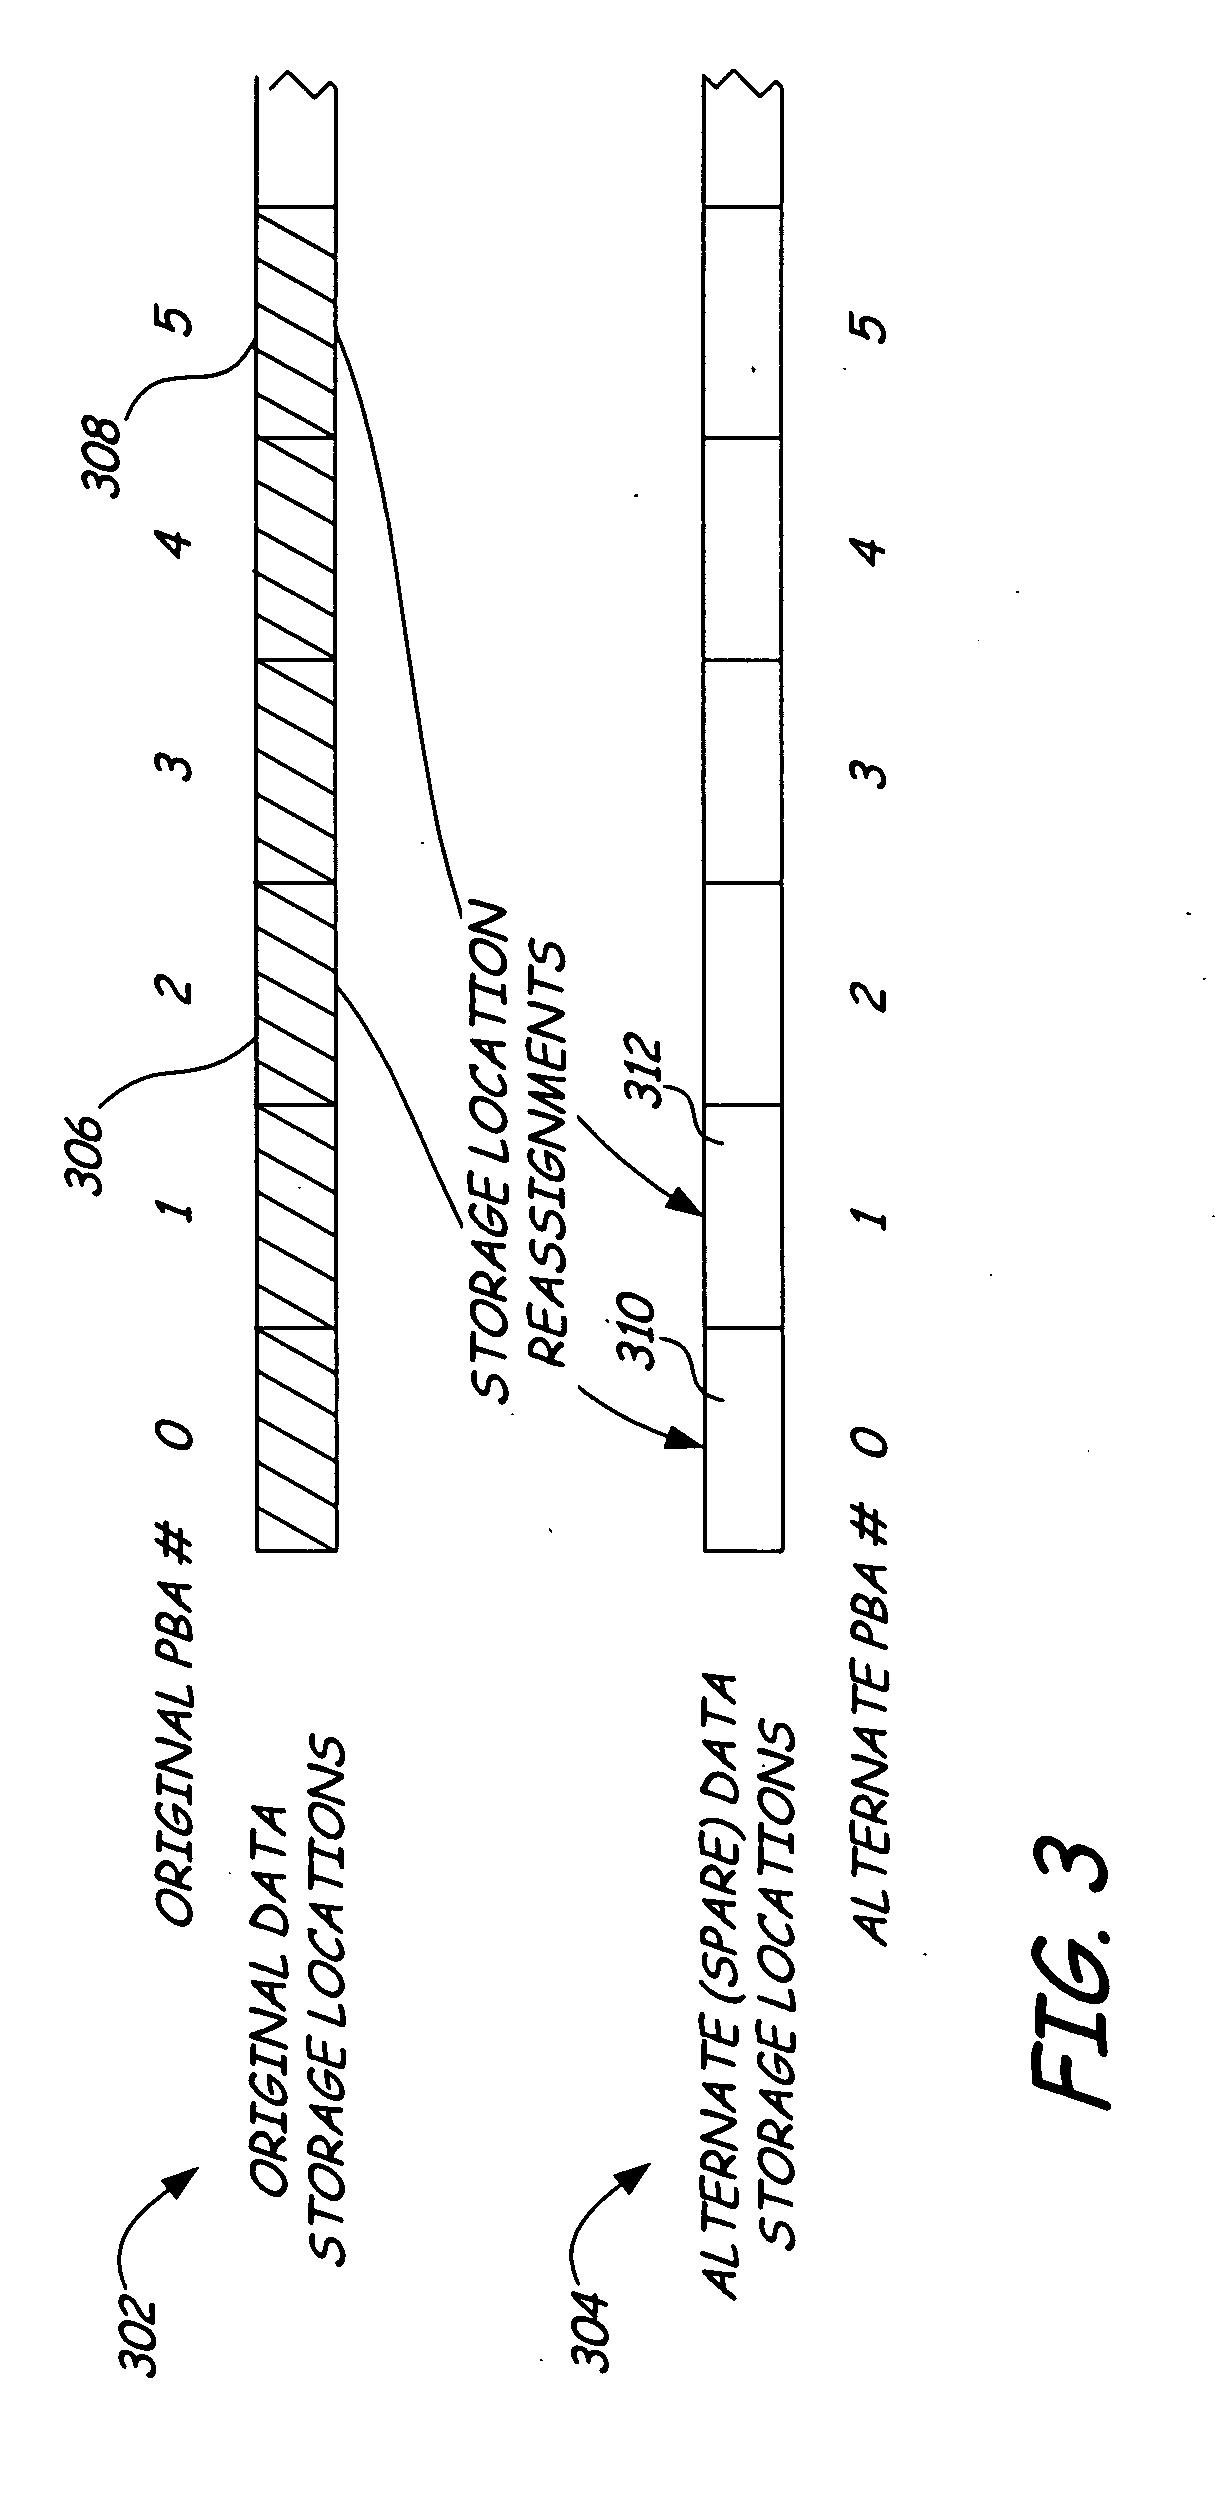 电路 电路图 电子 工程图 平面图 原理图 1216_2509 竖版 竖屏